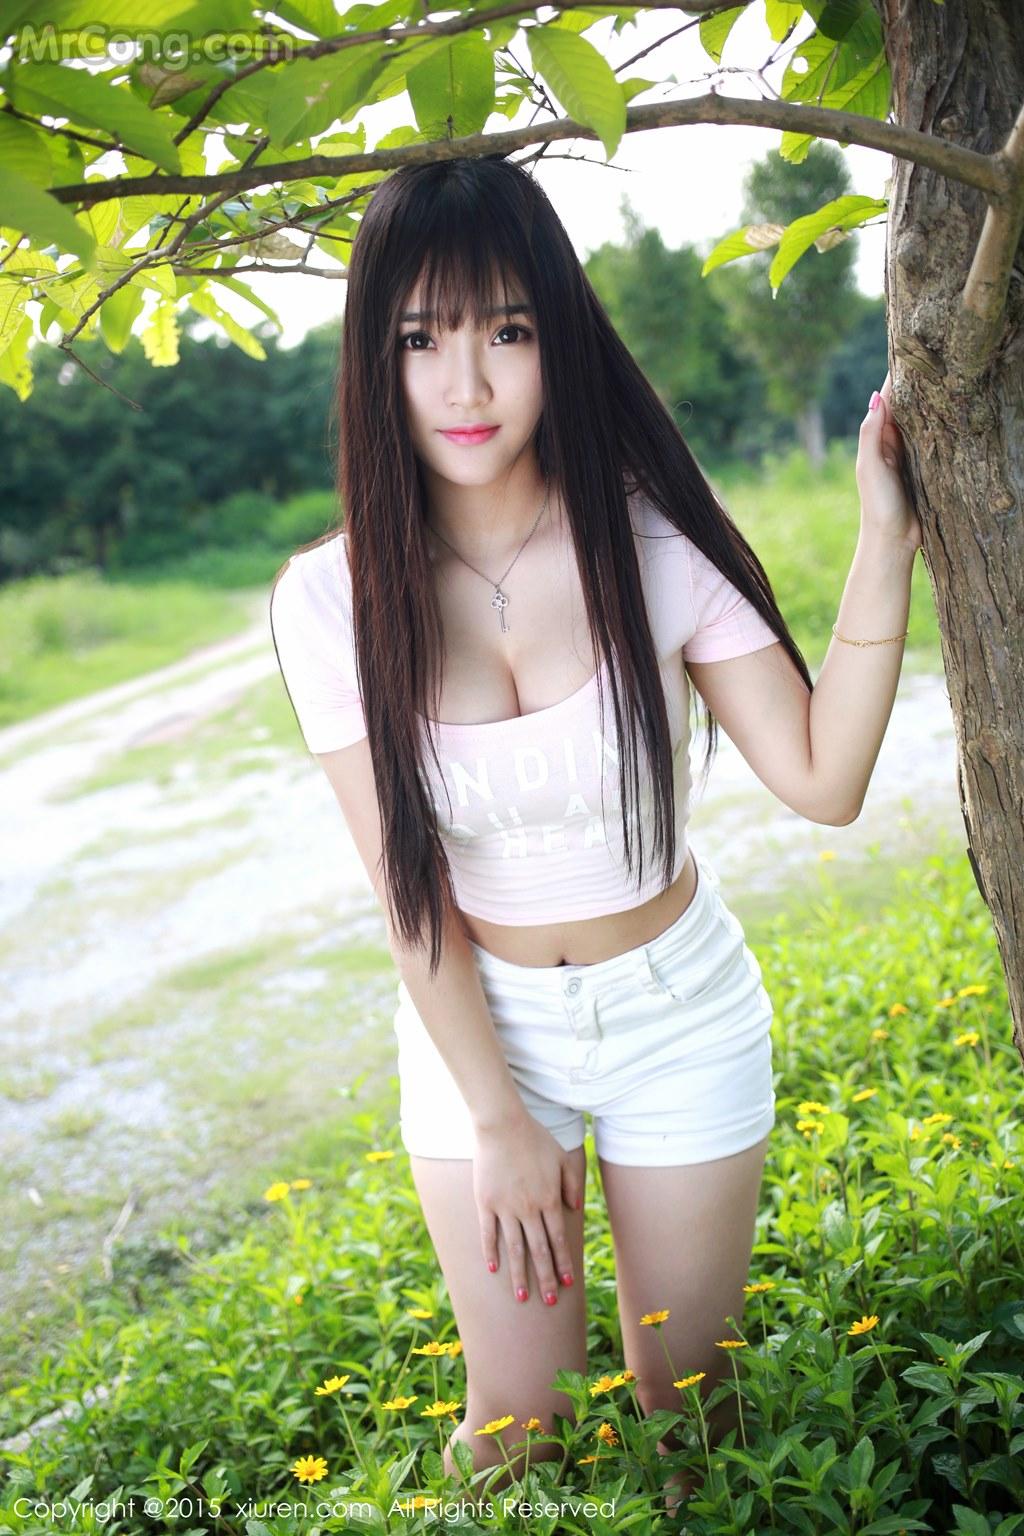 MrCong.com XIUREN No.345 Xia Yao baby 027 - XIUREN No.345: Model Xia Yao baby (夏 瑶 baby) (43 pictures)